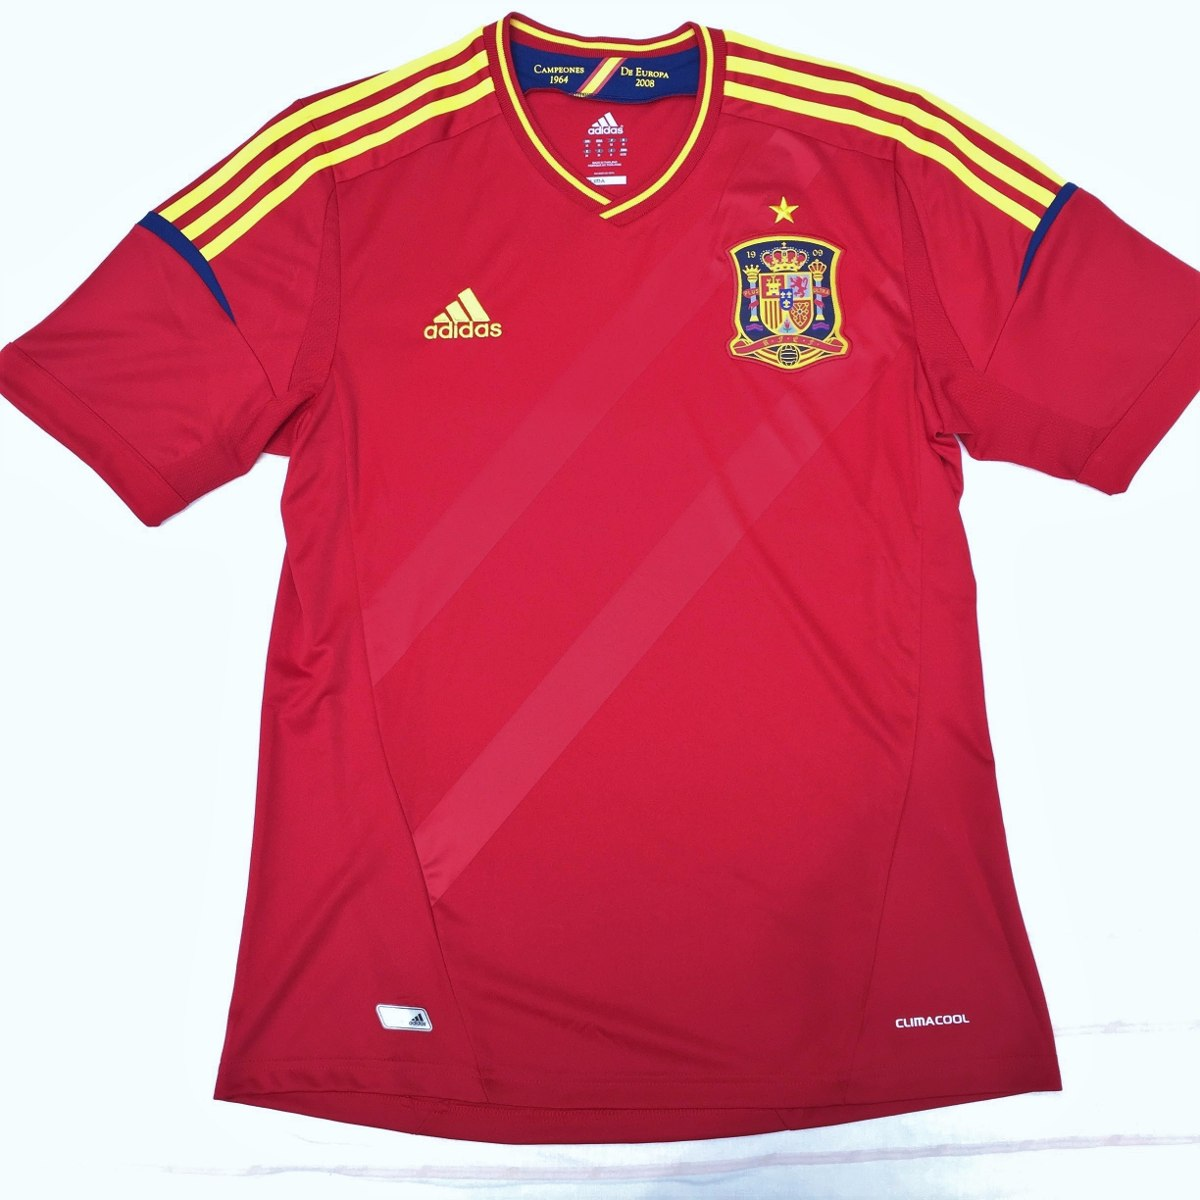 x10937 camisa adidas espanha home 2012 m fn1608. Carregando zoom. abe52bdb46518